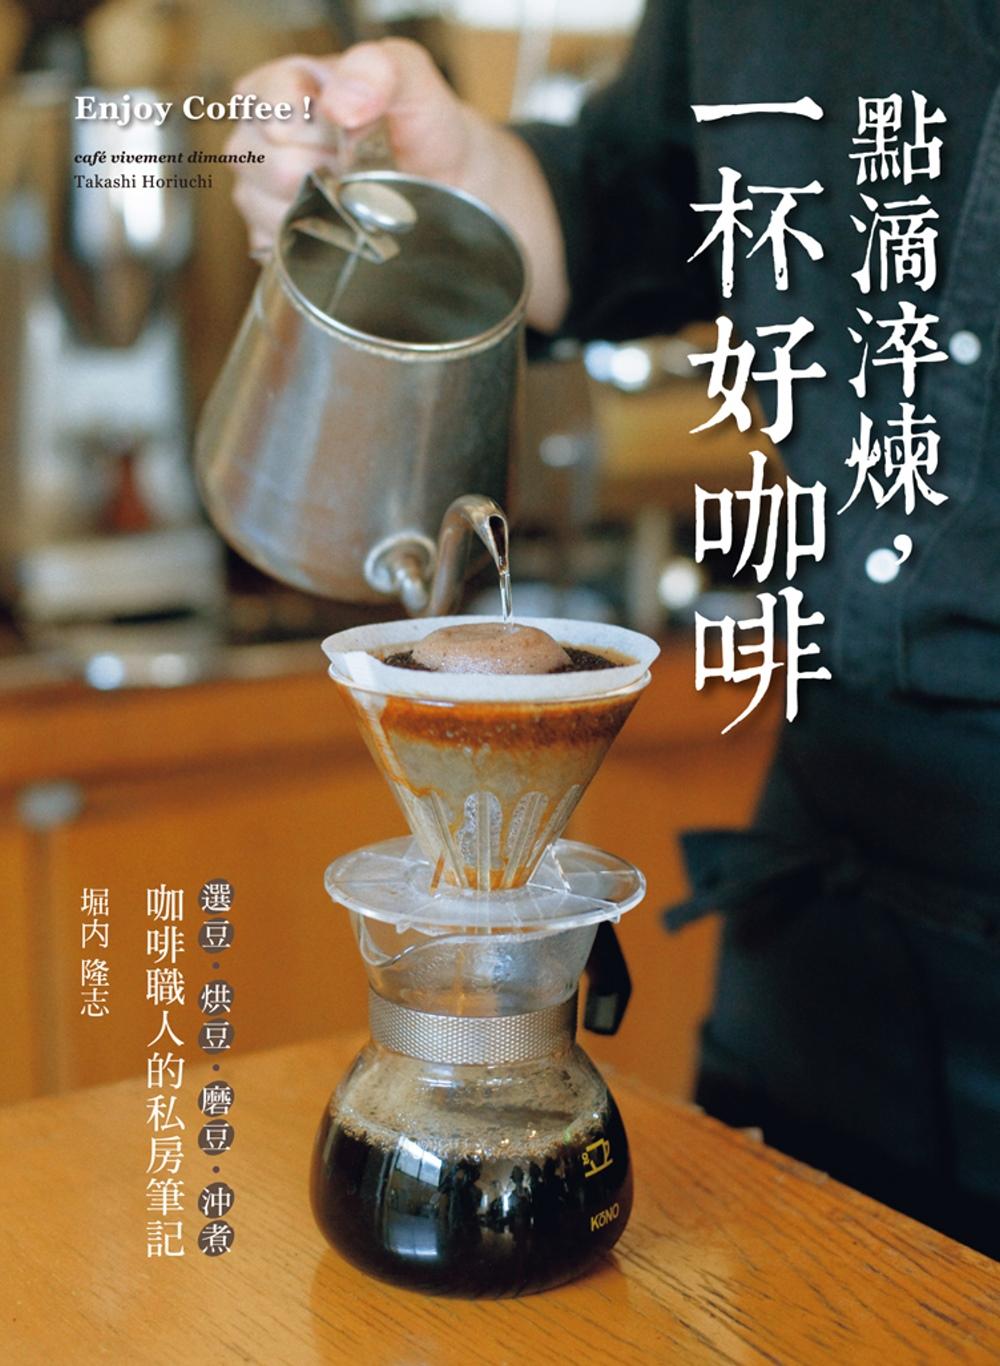 點滴淬煉,一杯好咖啡:「選豆.烘豆....